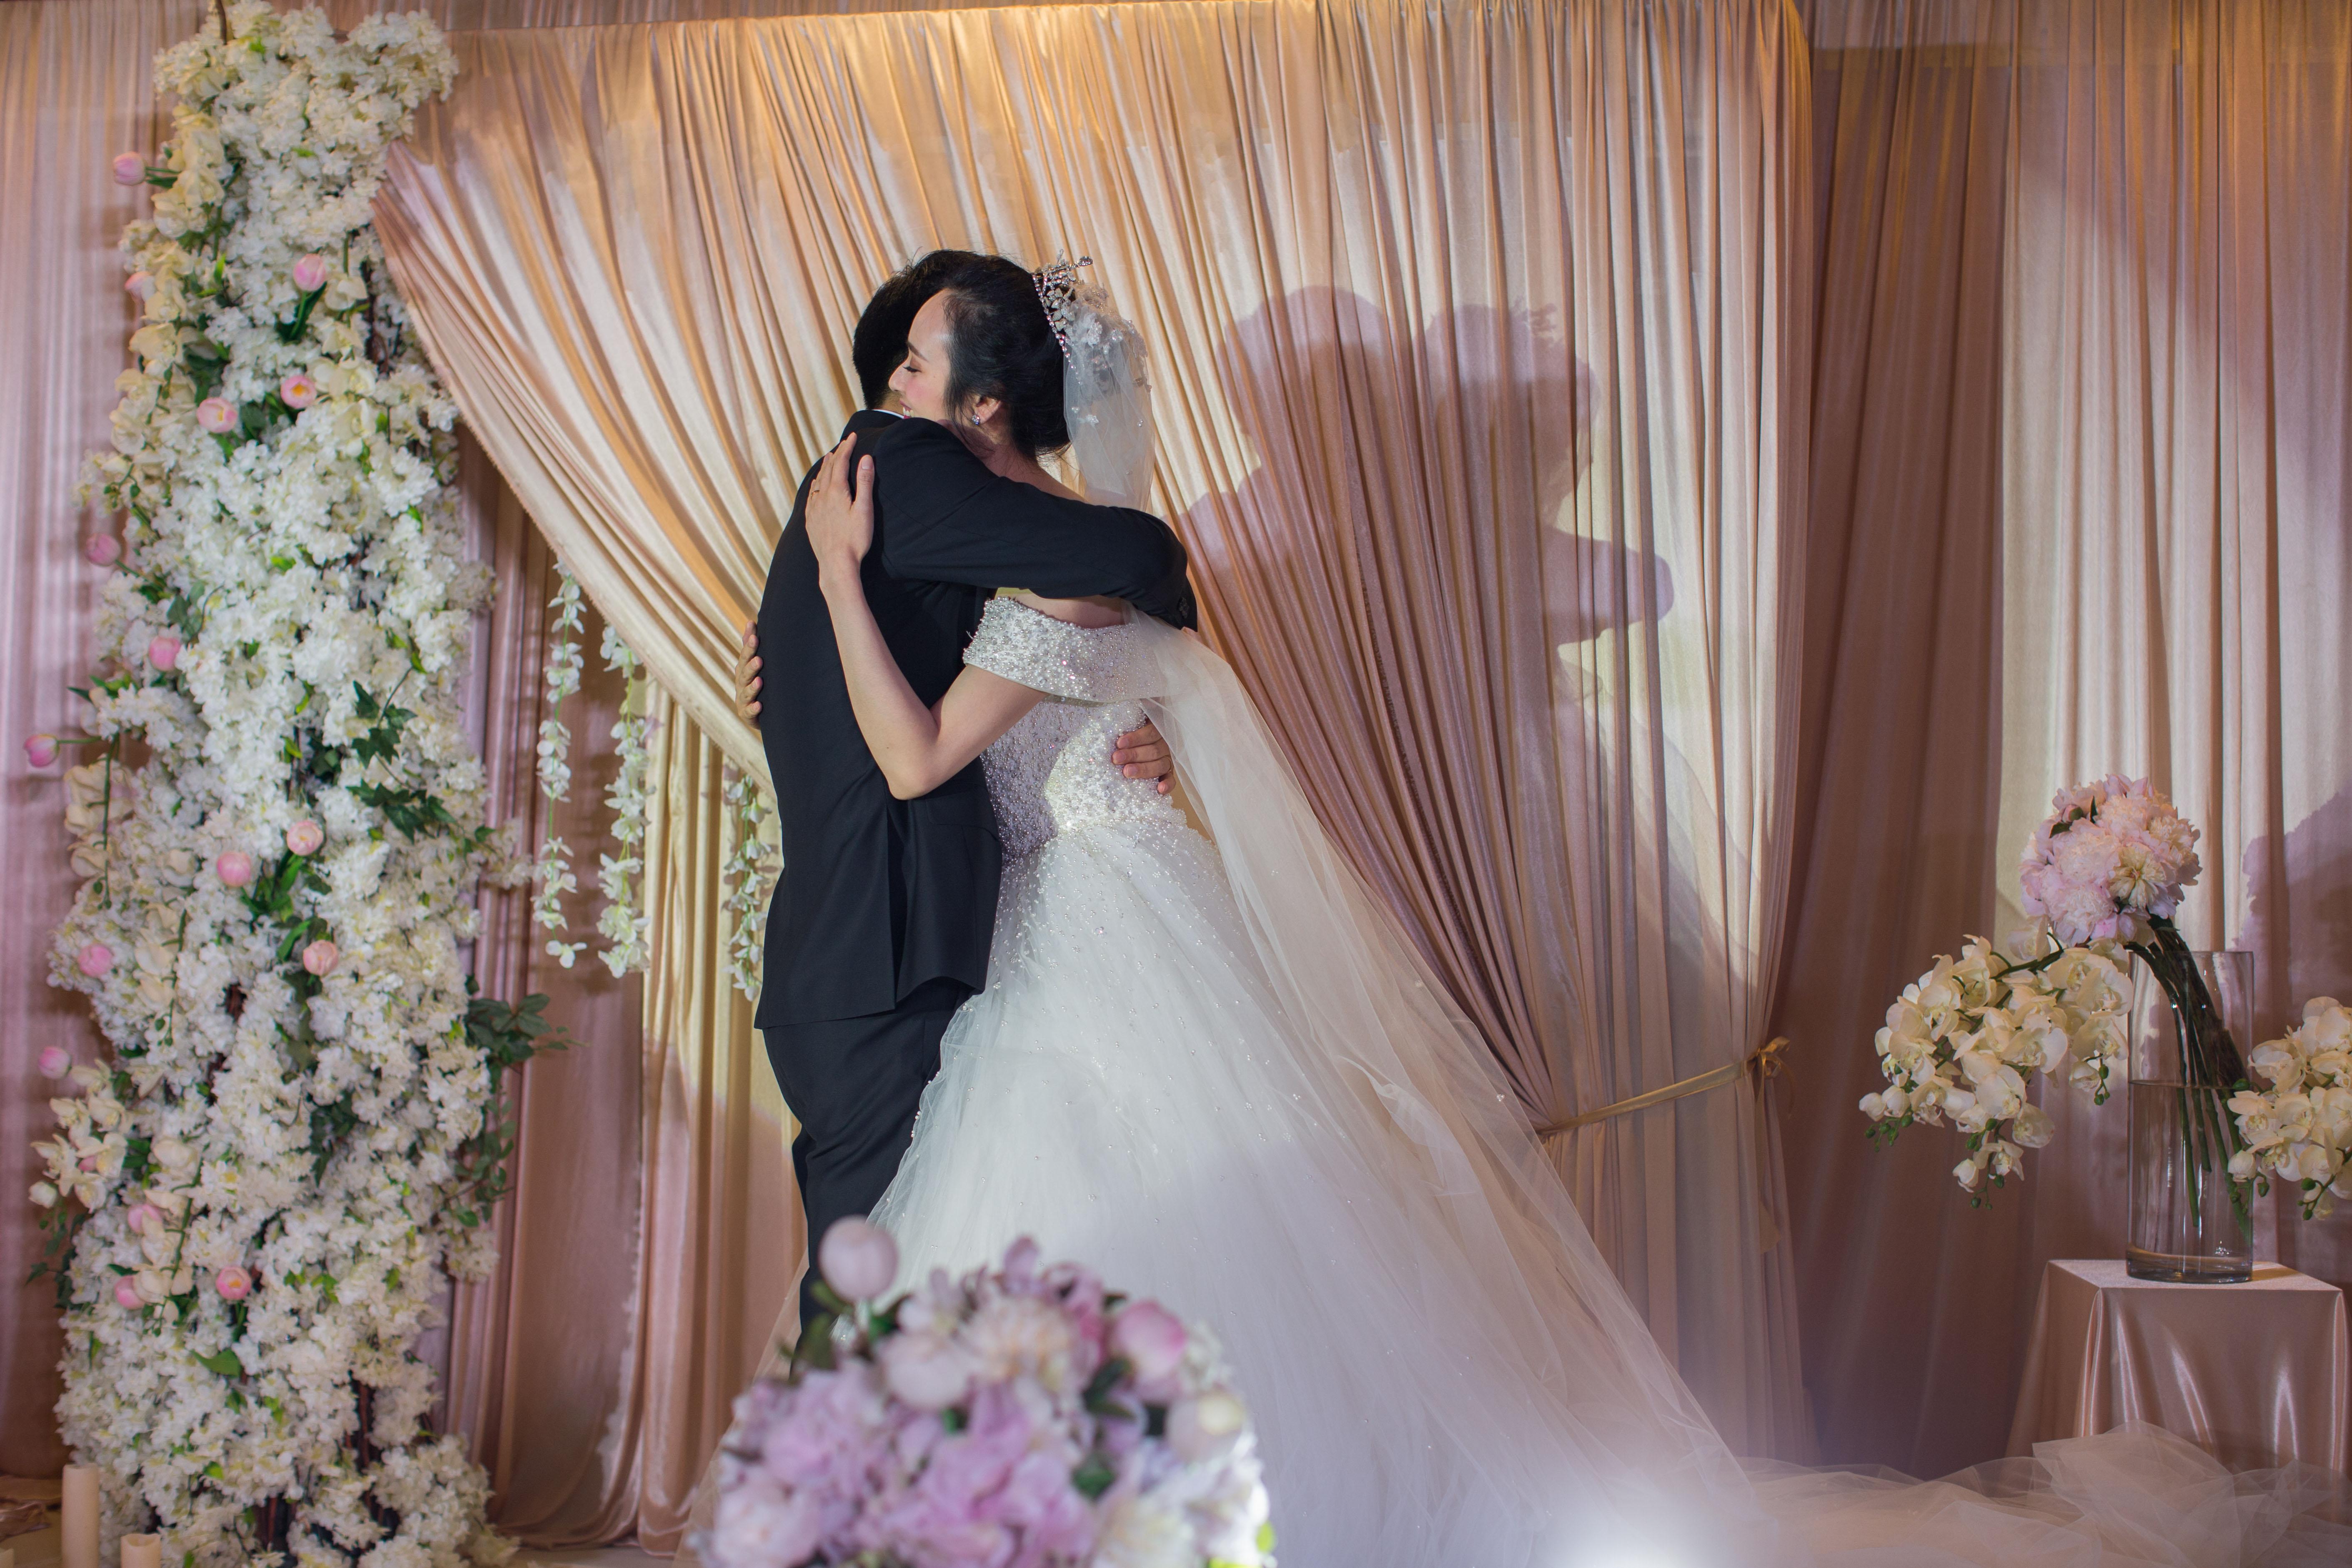 结婚纪�y��yd�&����_婚礼 婚纱 婚纱照 结婚 5643_3762